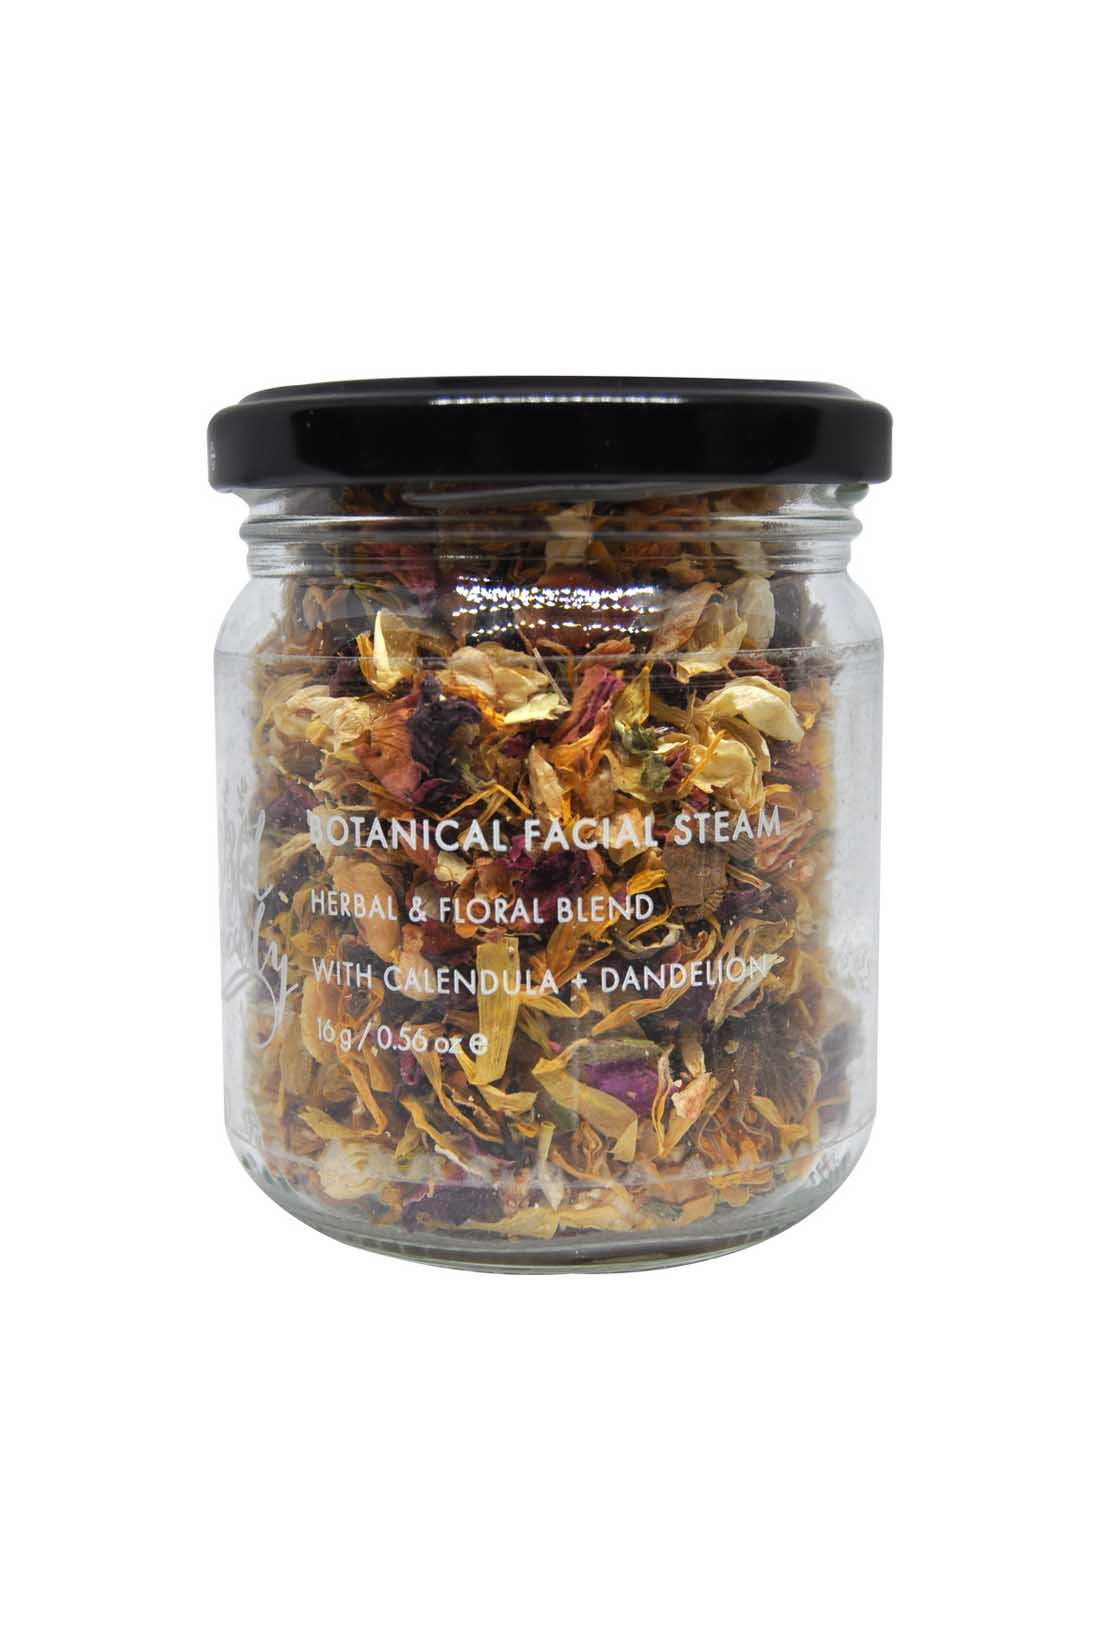 Botanical Facial Steam - Calendula&Dandelion